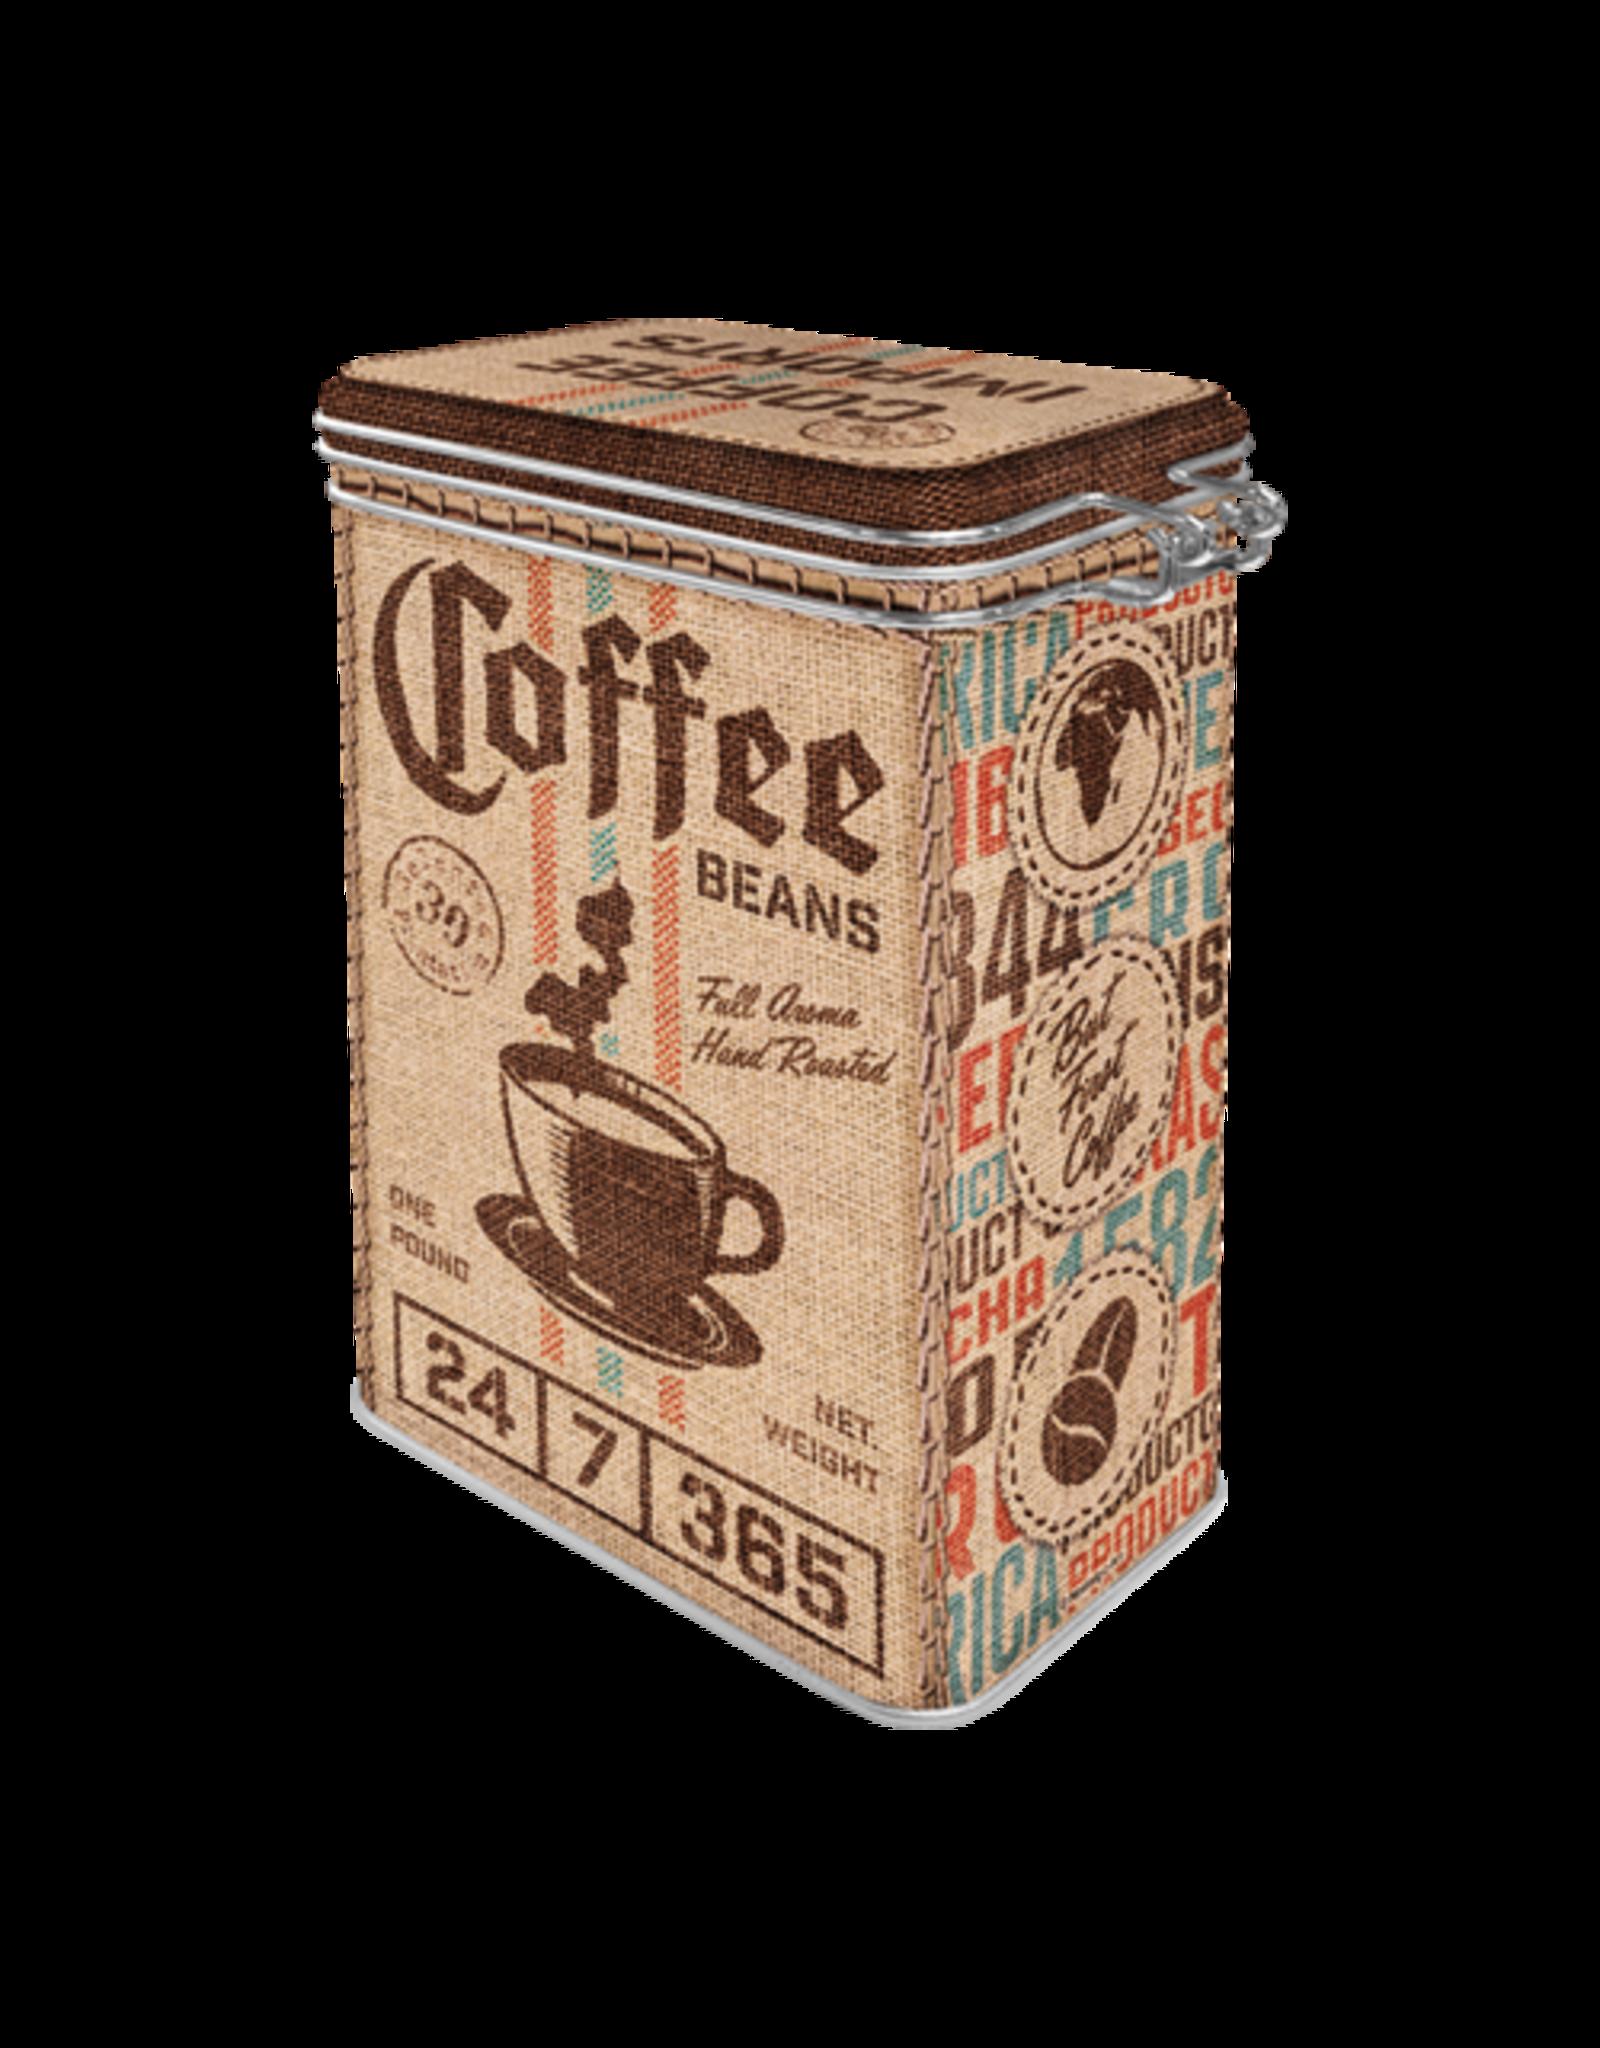 clip top box - coffee beans